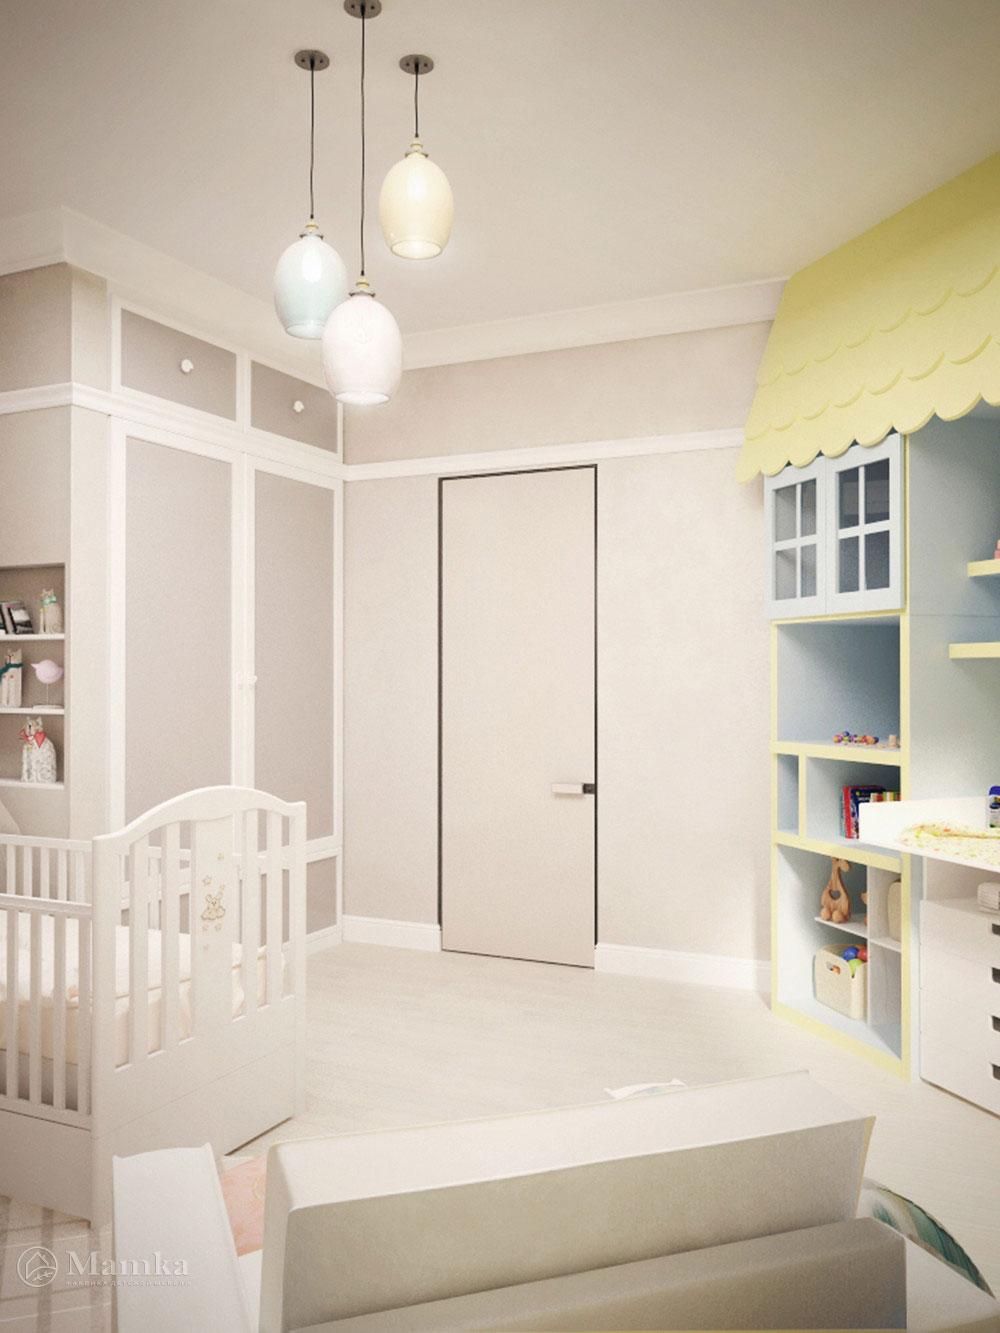 Идея для детской с минималистическим декором 2